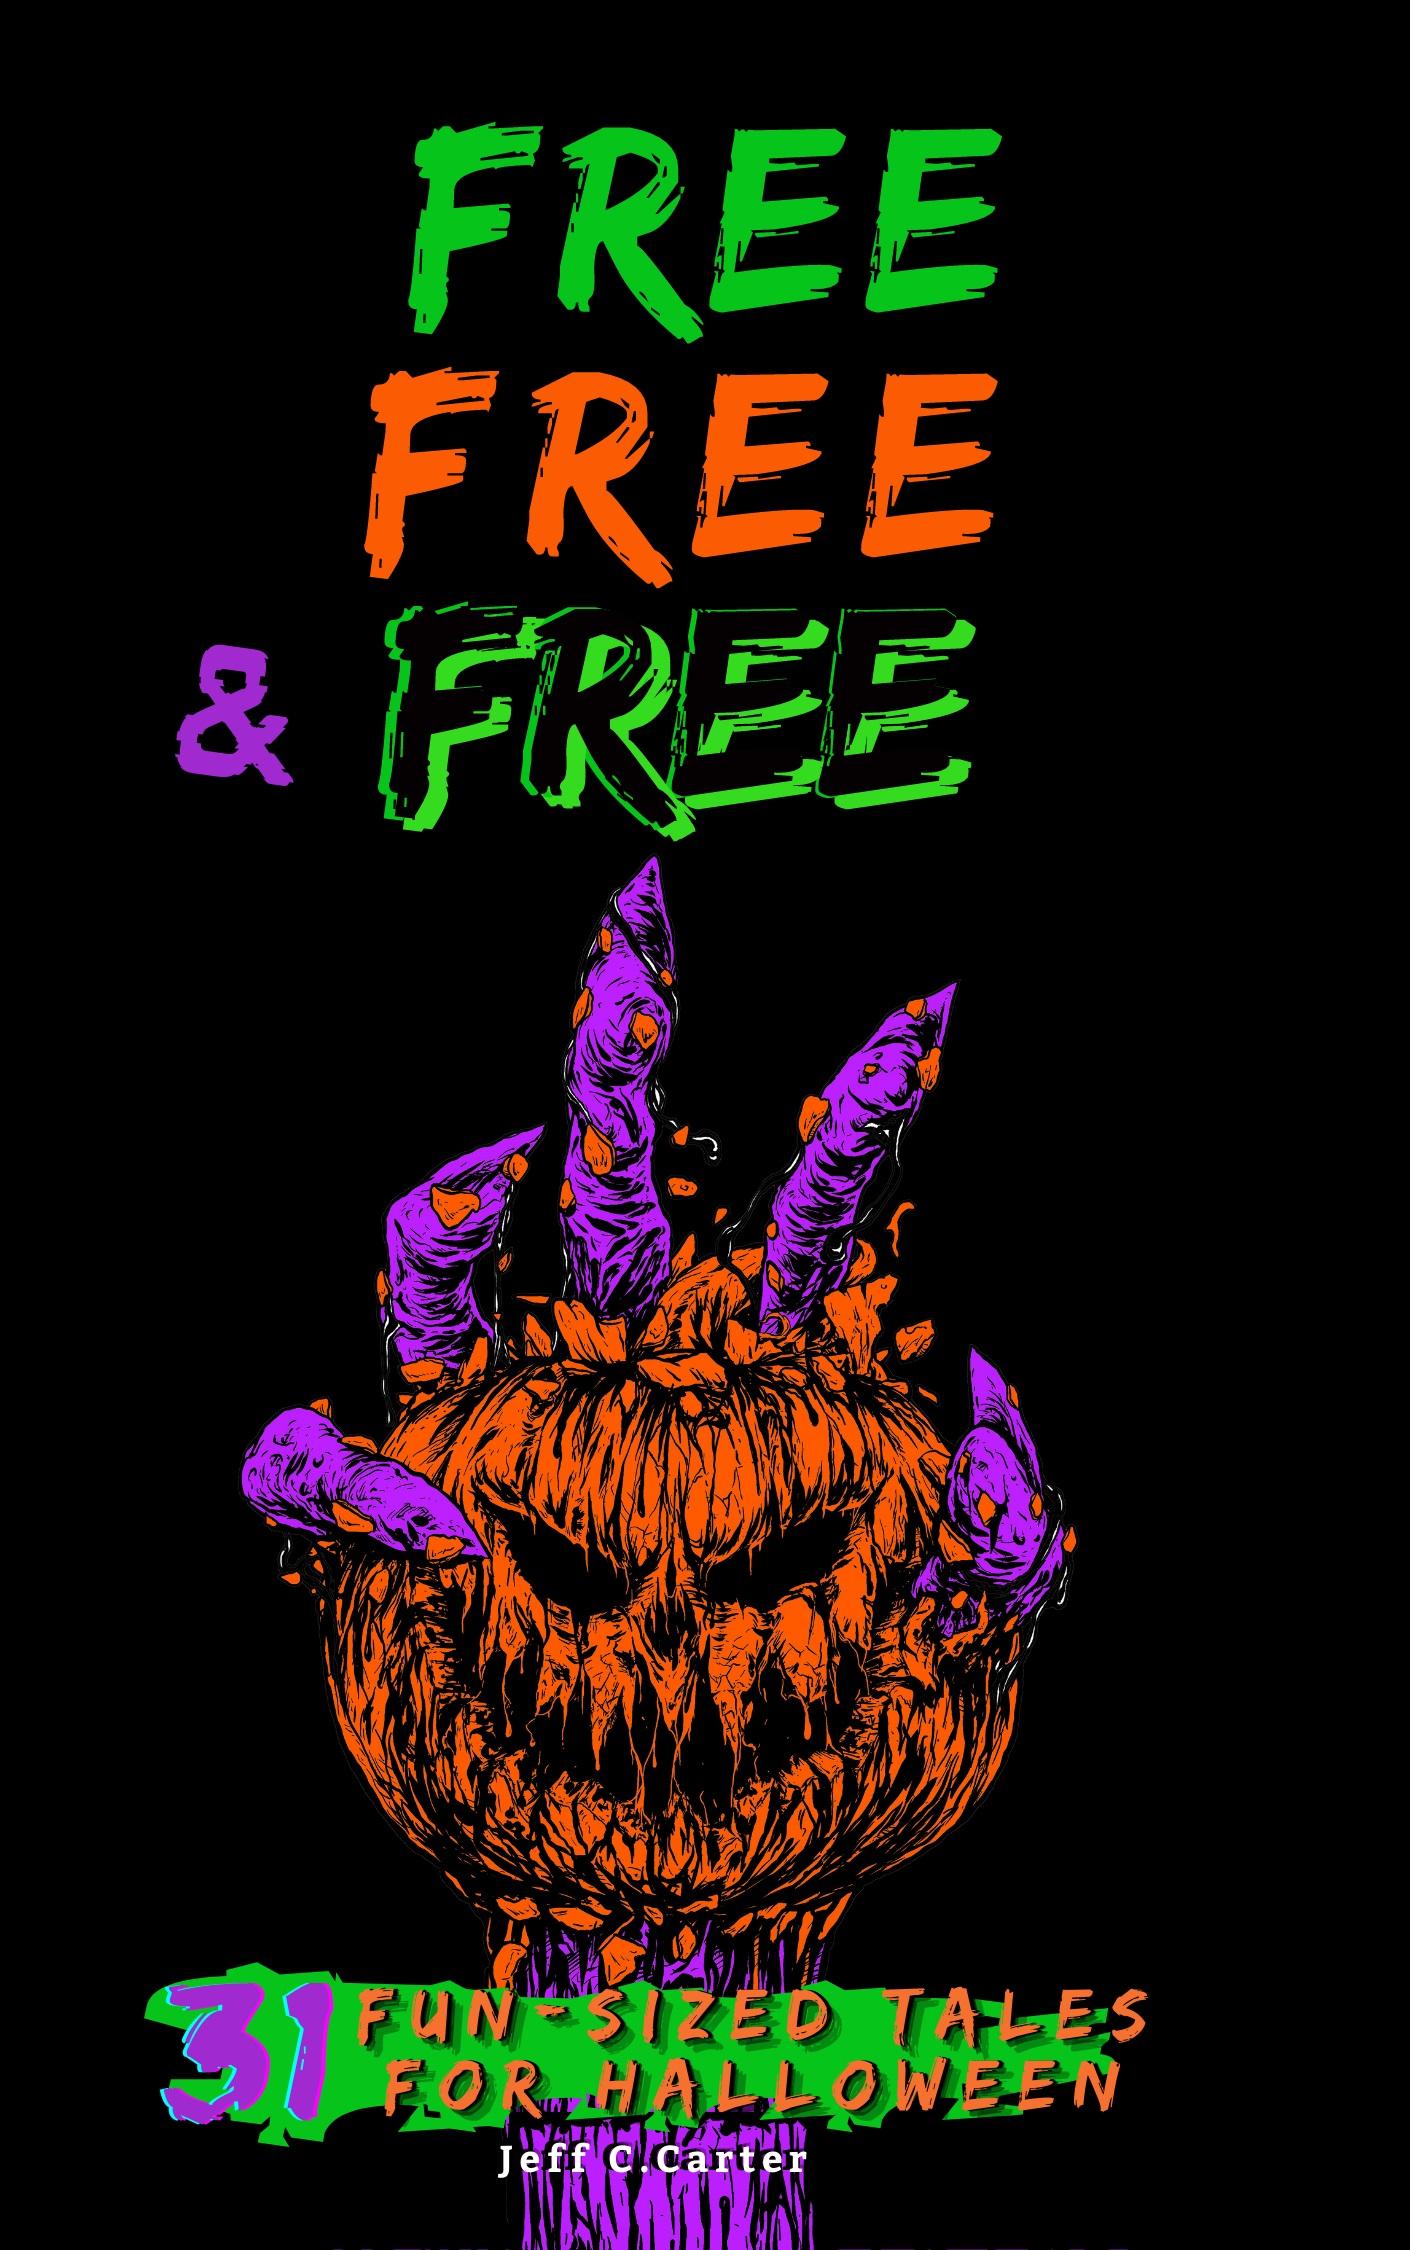 FREE WEBOB JPG